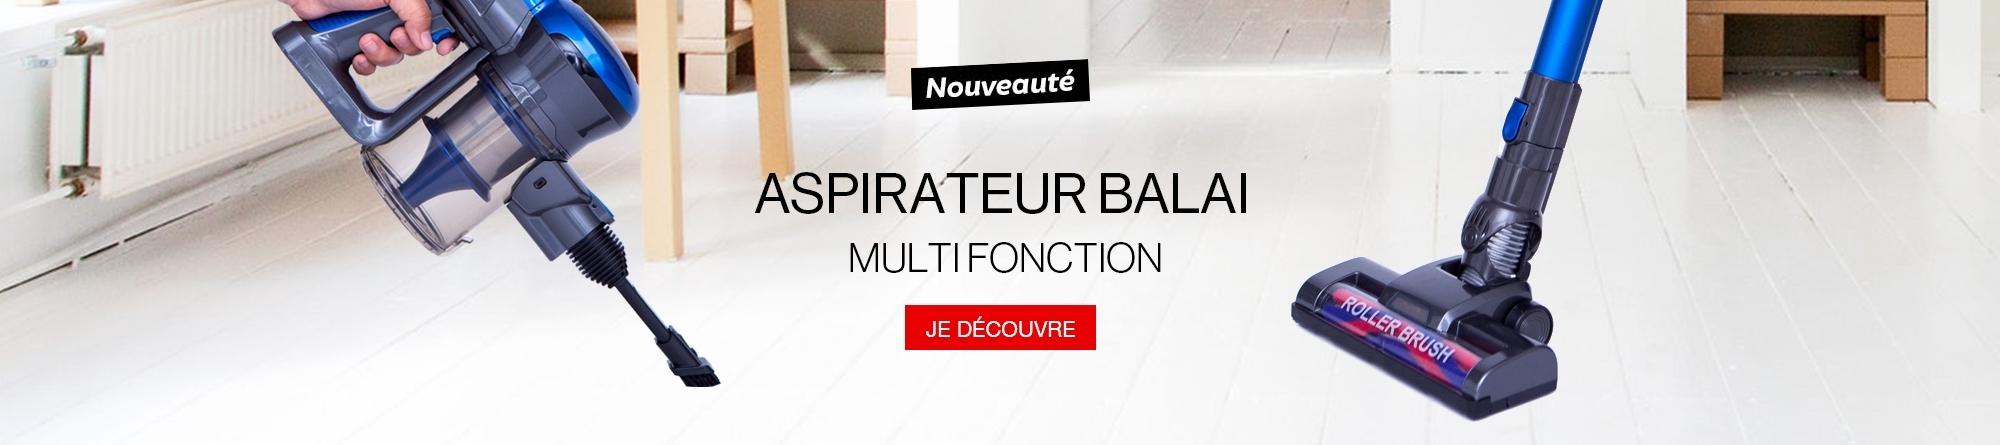 Aspirateur balai multifonction